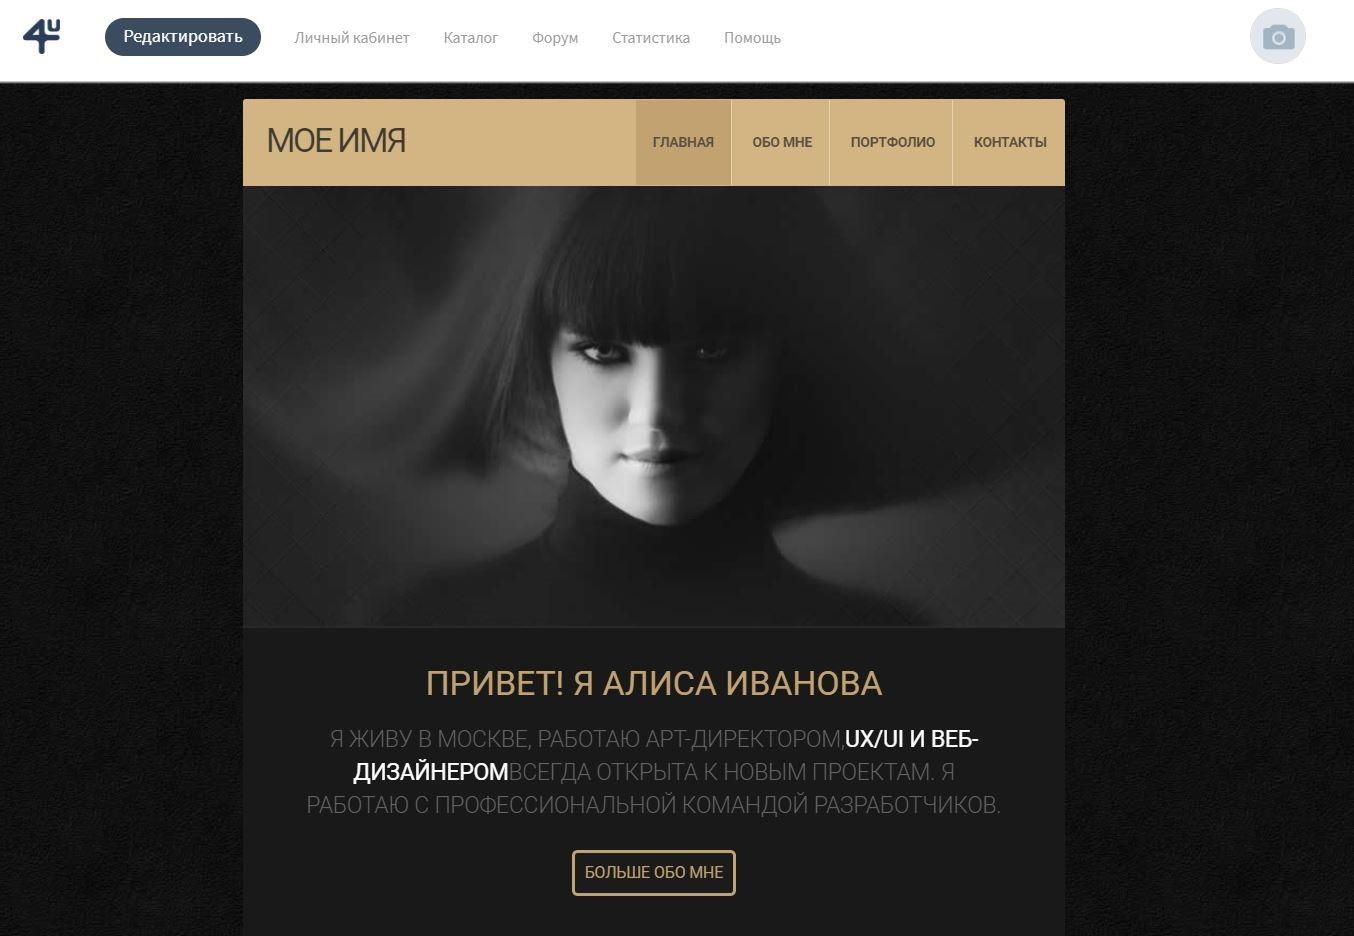 Fo.ru конструктор сайтов - описание и отзывы